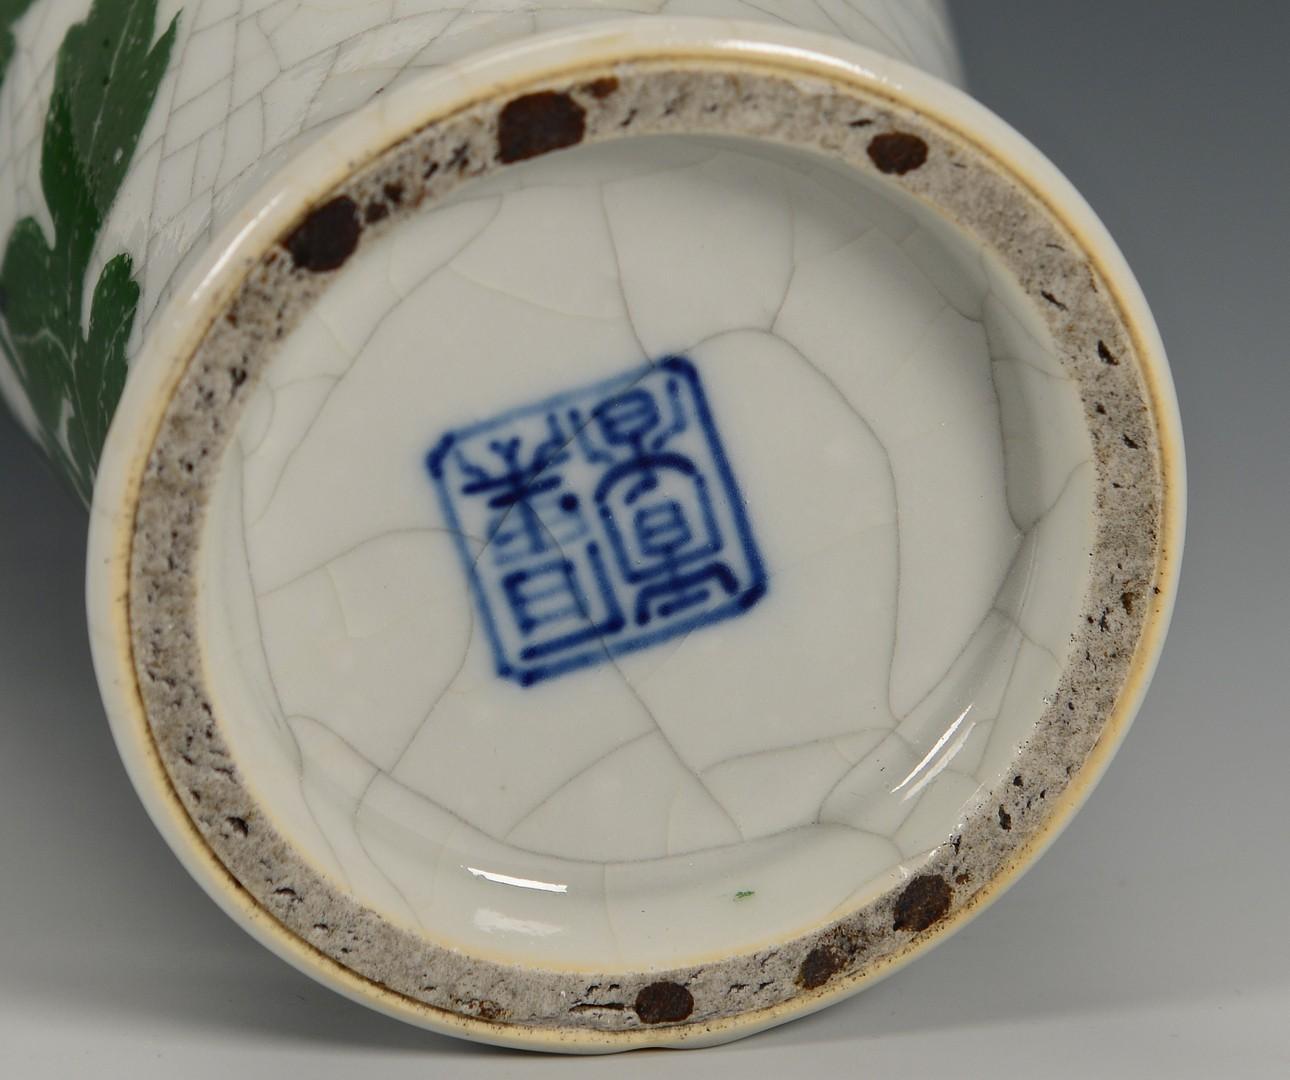 Lot 409: Chinese Crackle Glaze Vase